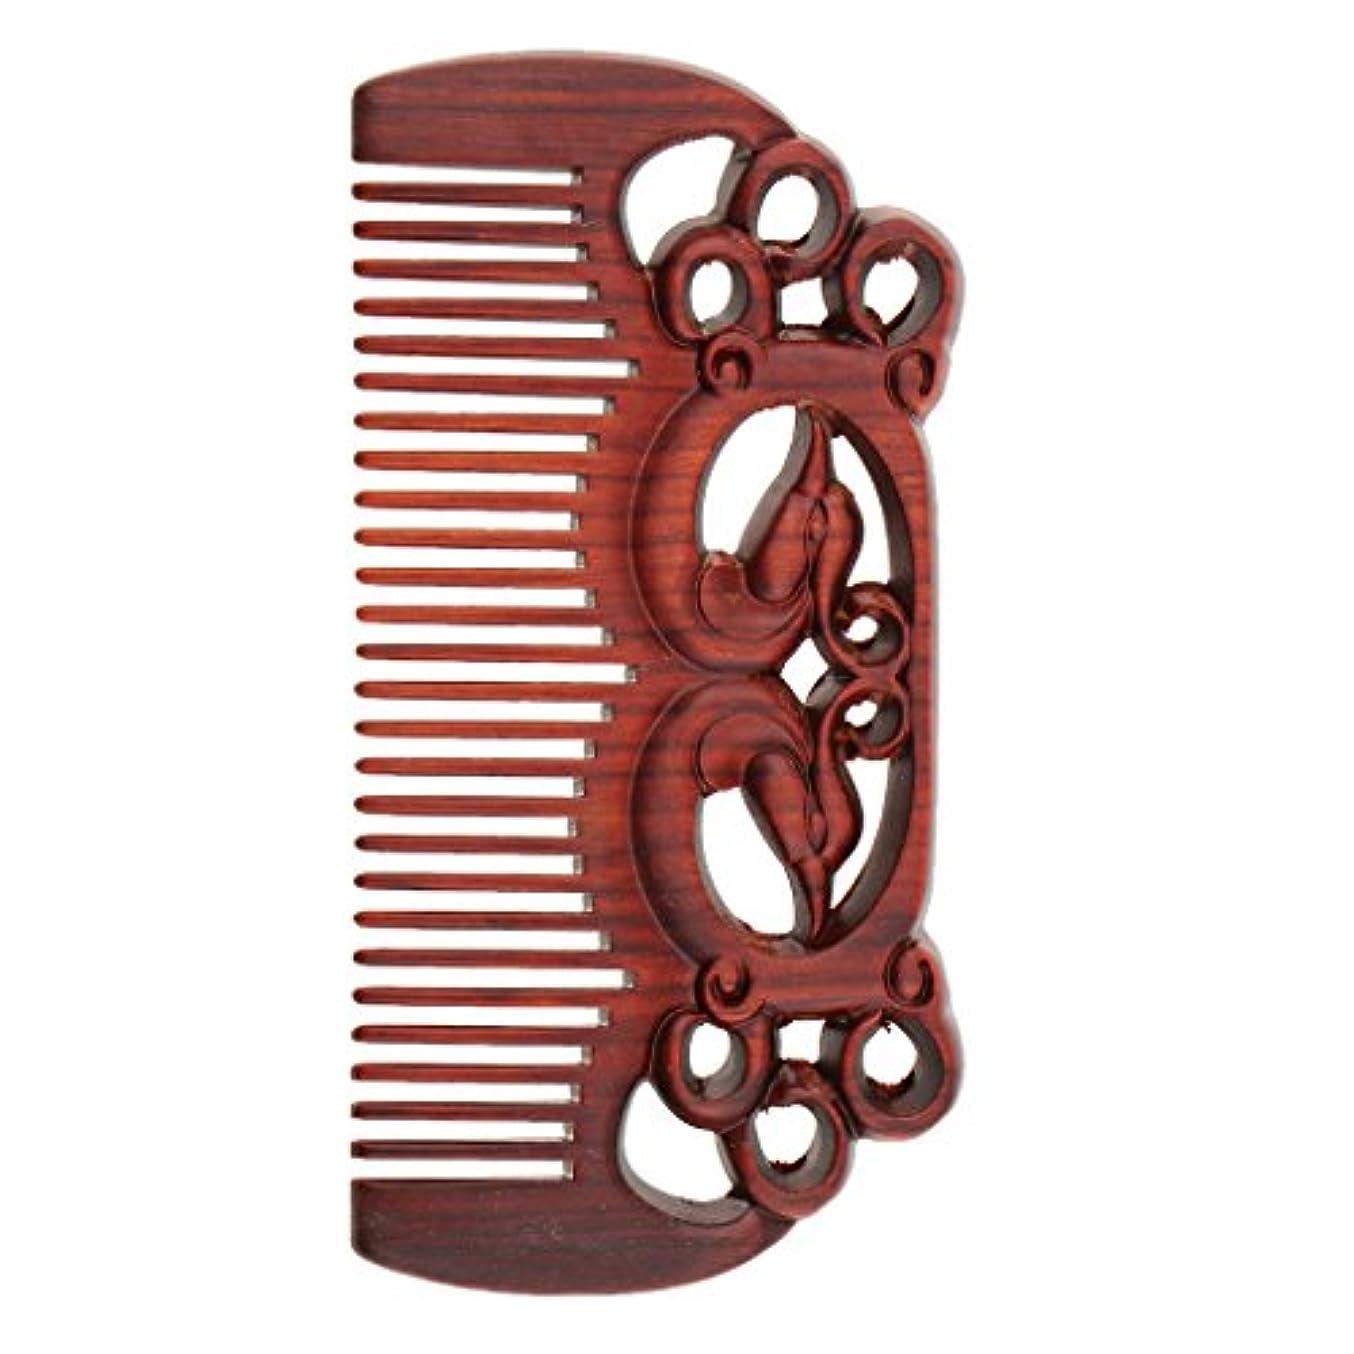 ドーム宗教仲間、同僚Perfeclan ウッドコーム 天然木製 高品質 木製櫛 ワイド歯 ヘアブラシ ヘアスタイリング ヘアコーム 2タイプ選べる - #1